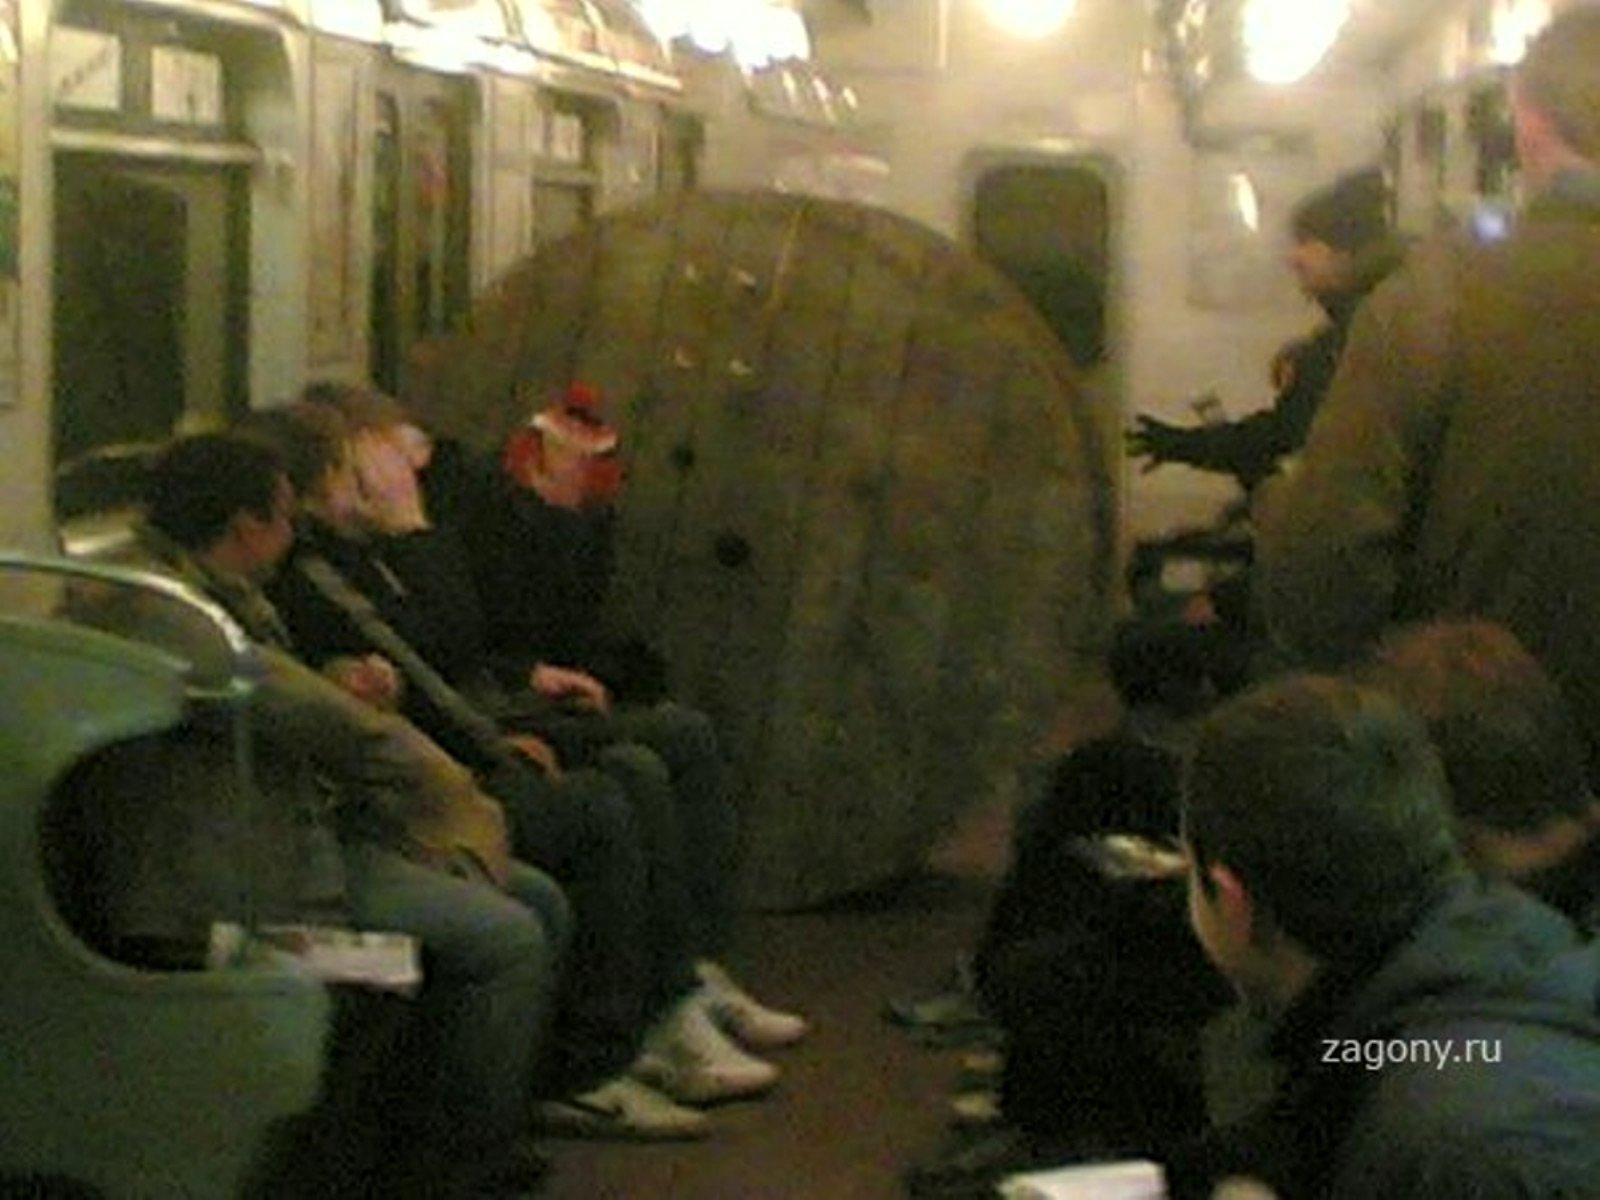 Фото пьяных в метро 13 фотография